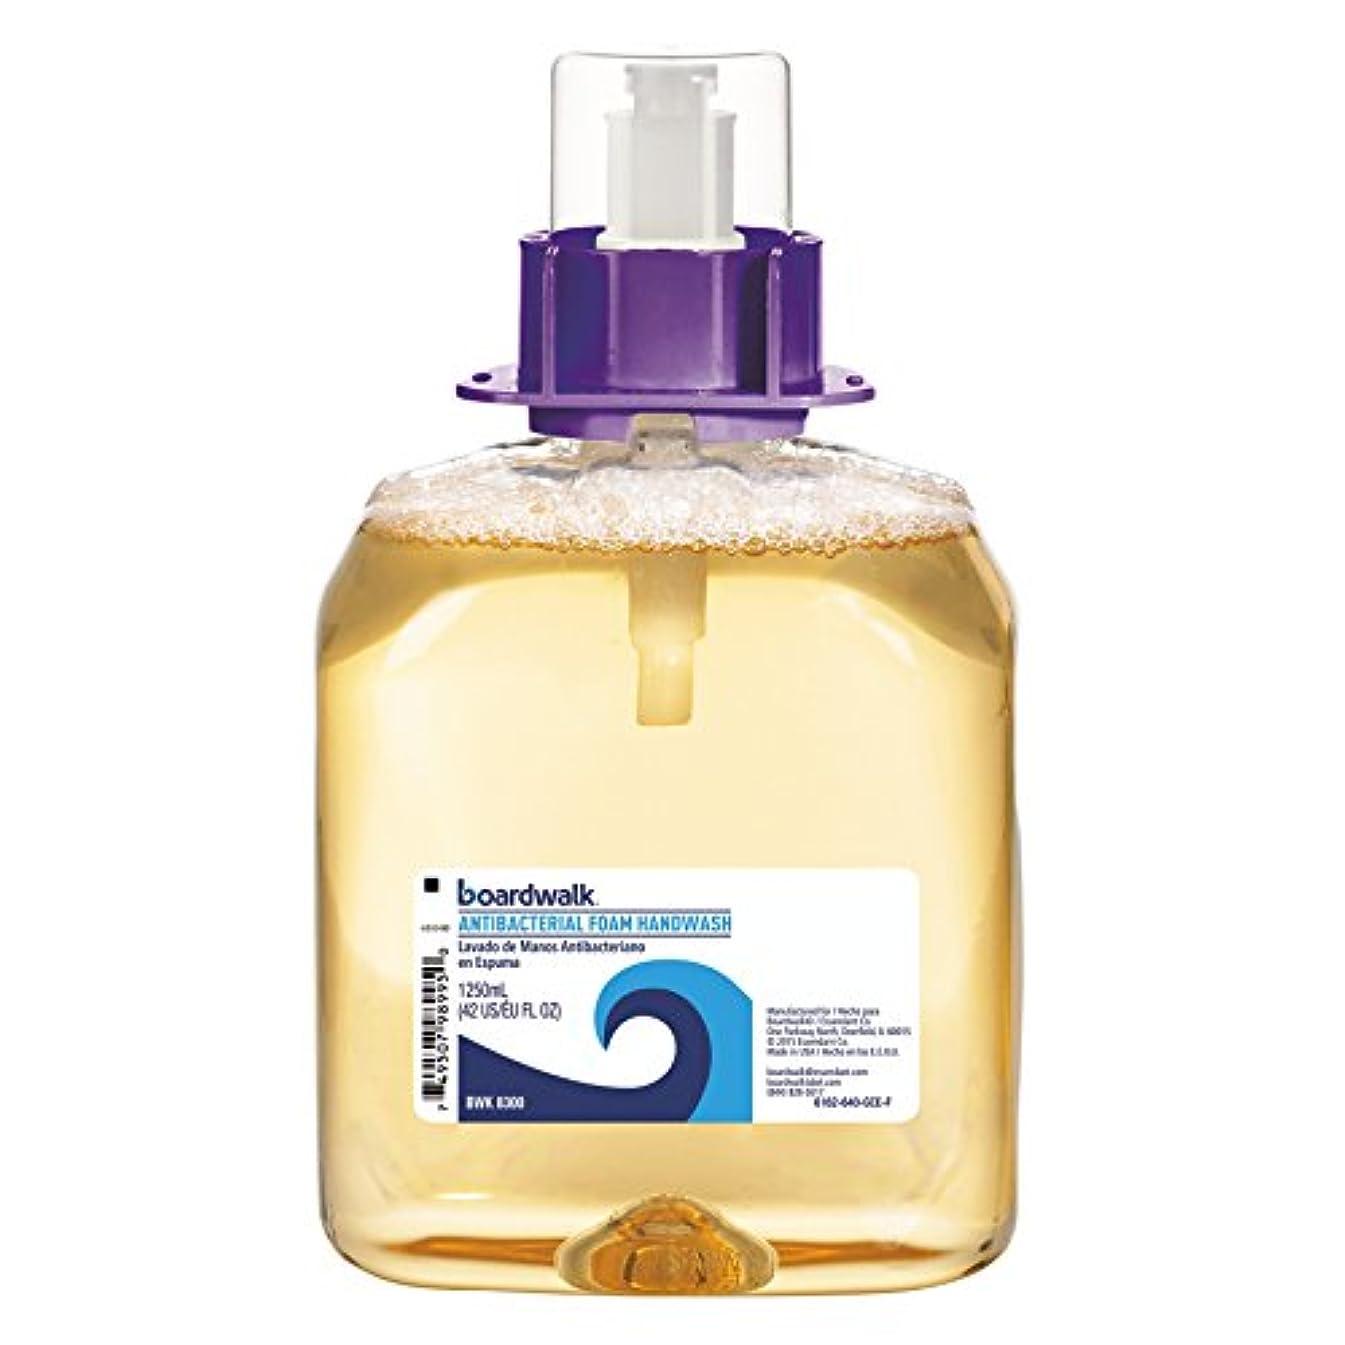 社会スキャンダル時系列Foam Antibacterial Handwash, Sweet Pea, 1250ml Refill, 4 per Carton (並行輸入品)